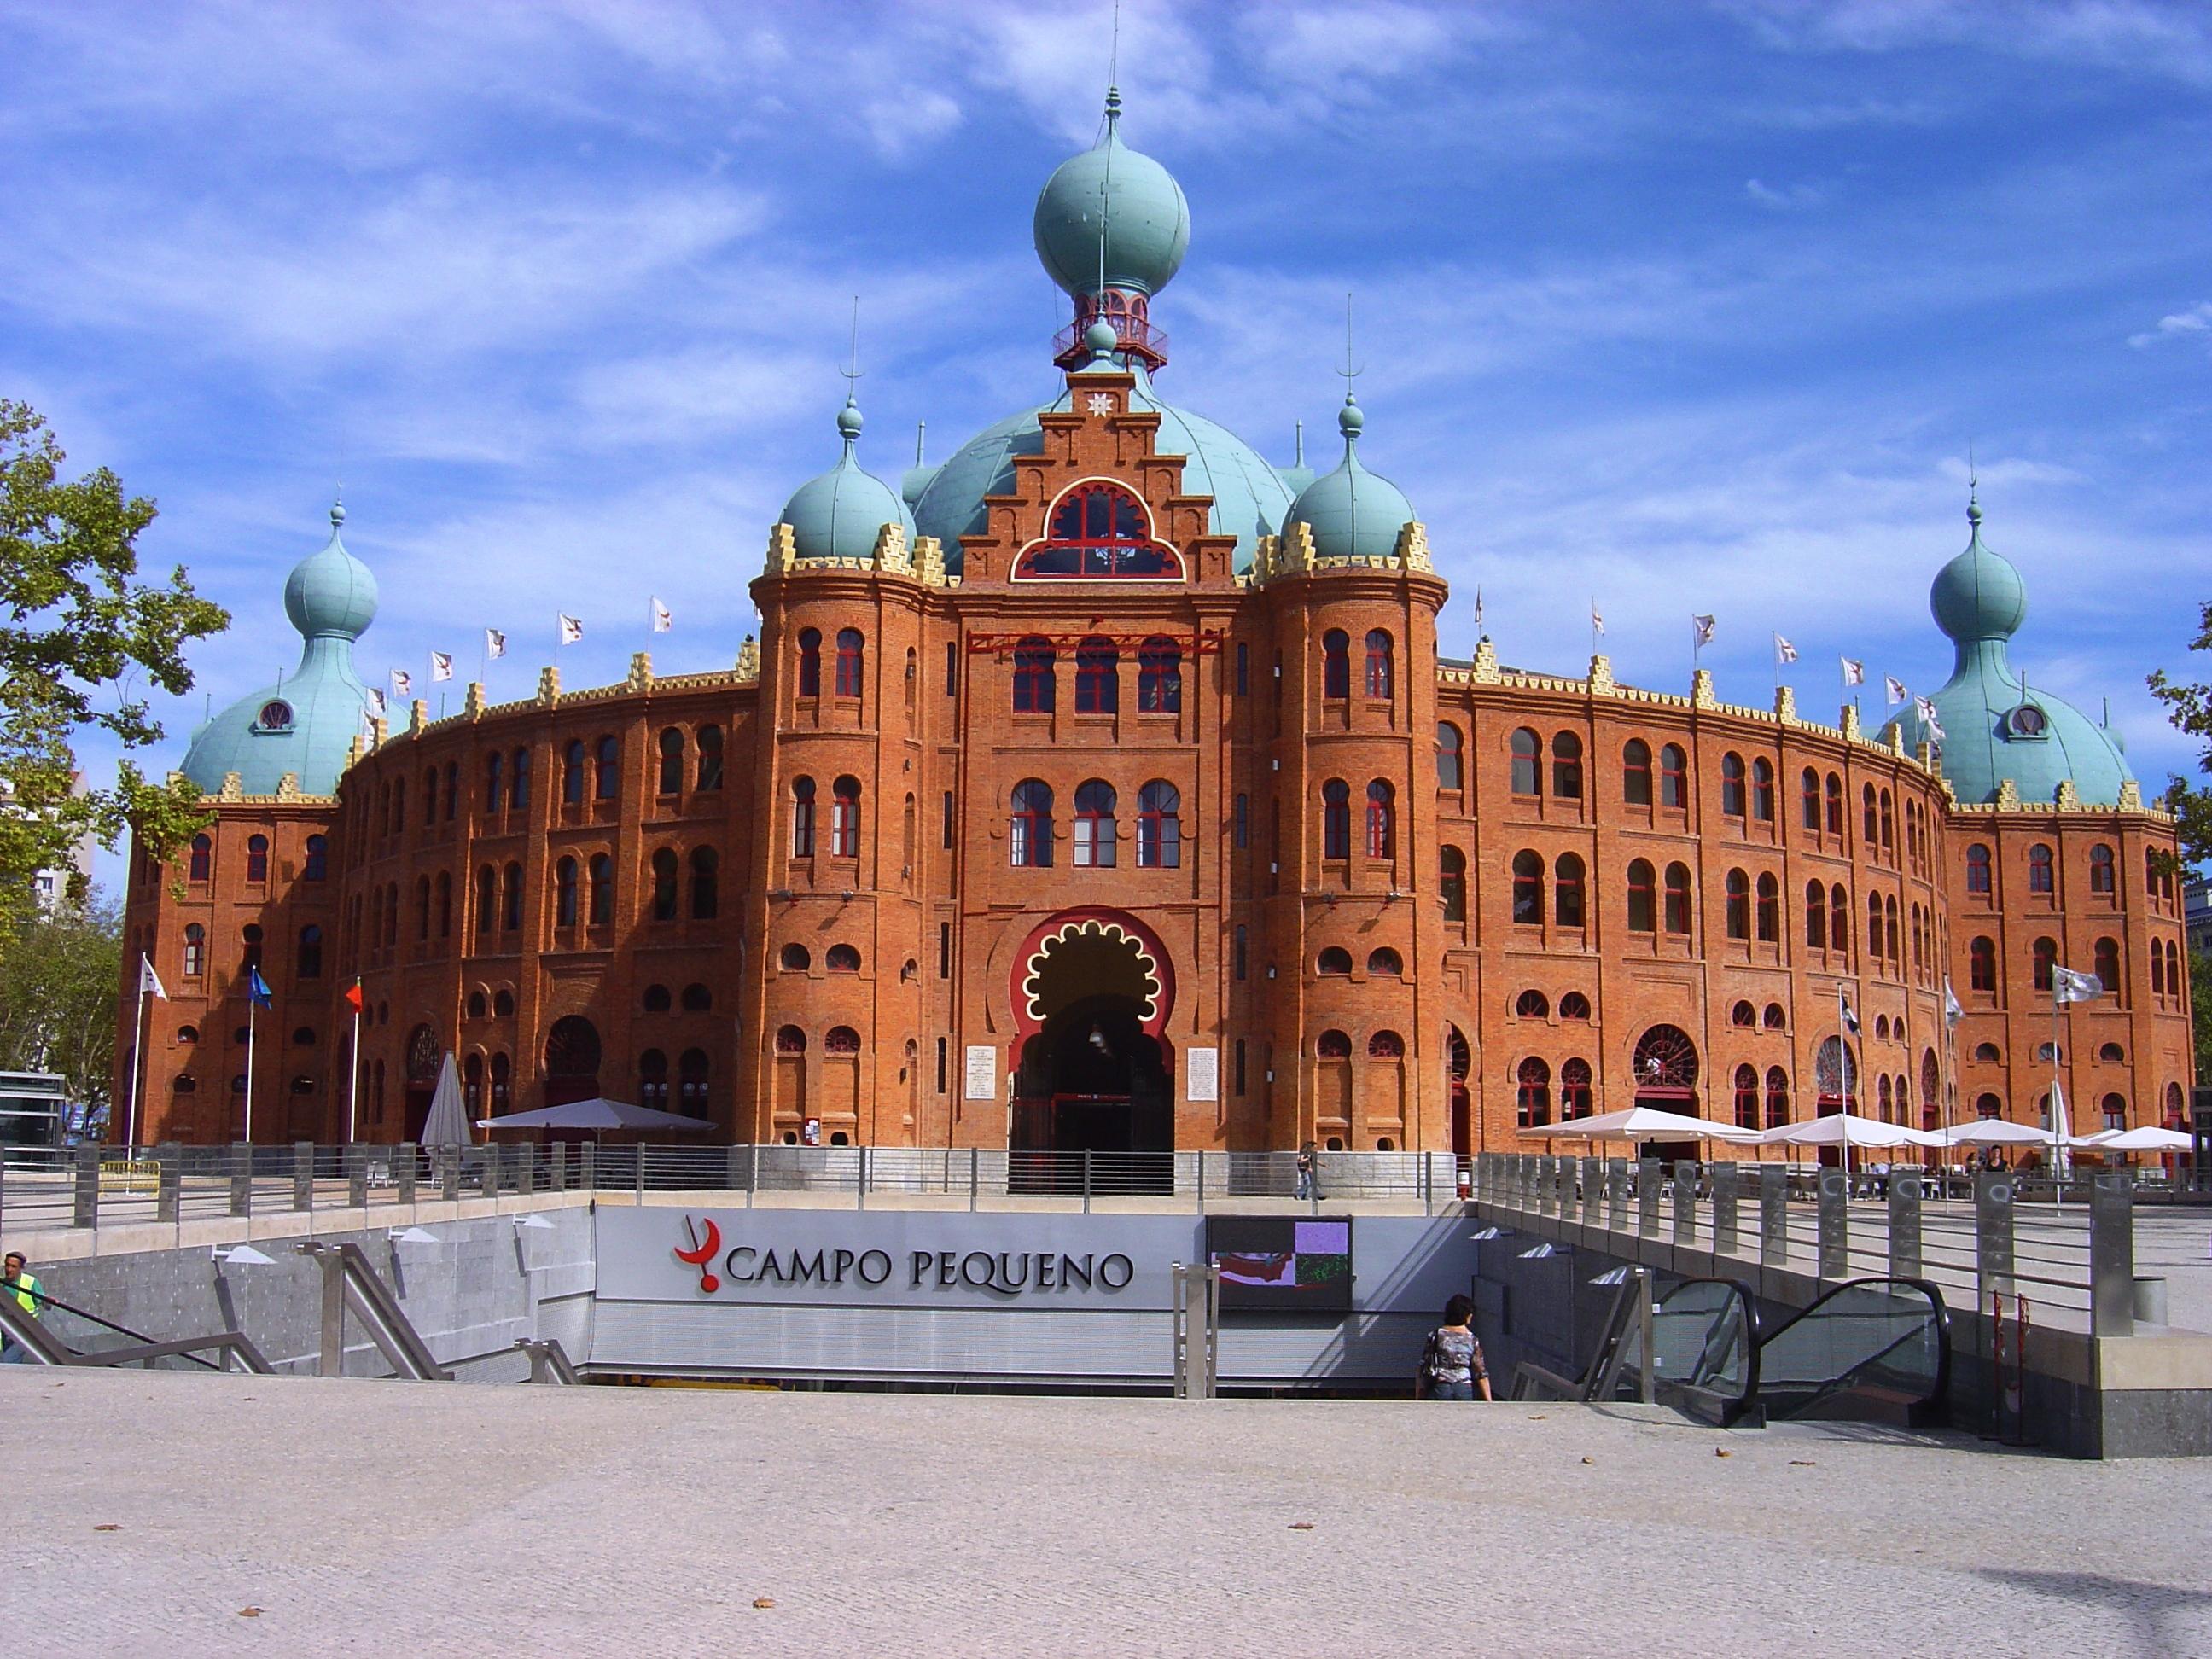 https://i2.wp.com/upload.wikimedia.org/wikipedia/commons/9/96/Campo_Pequeno_Lisboa.JPG